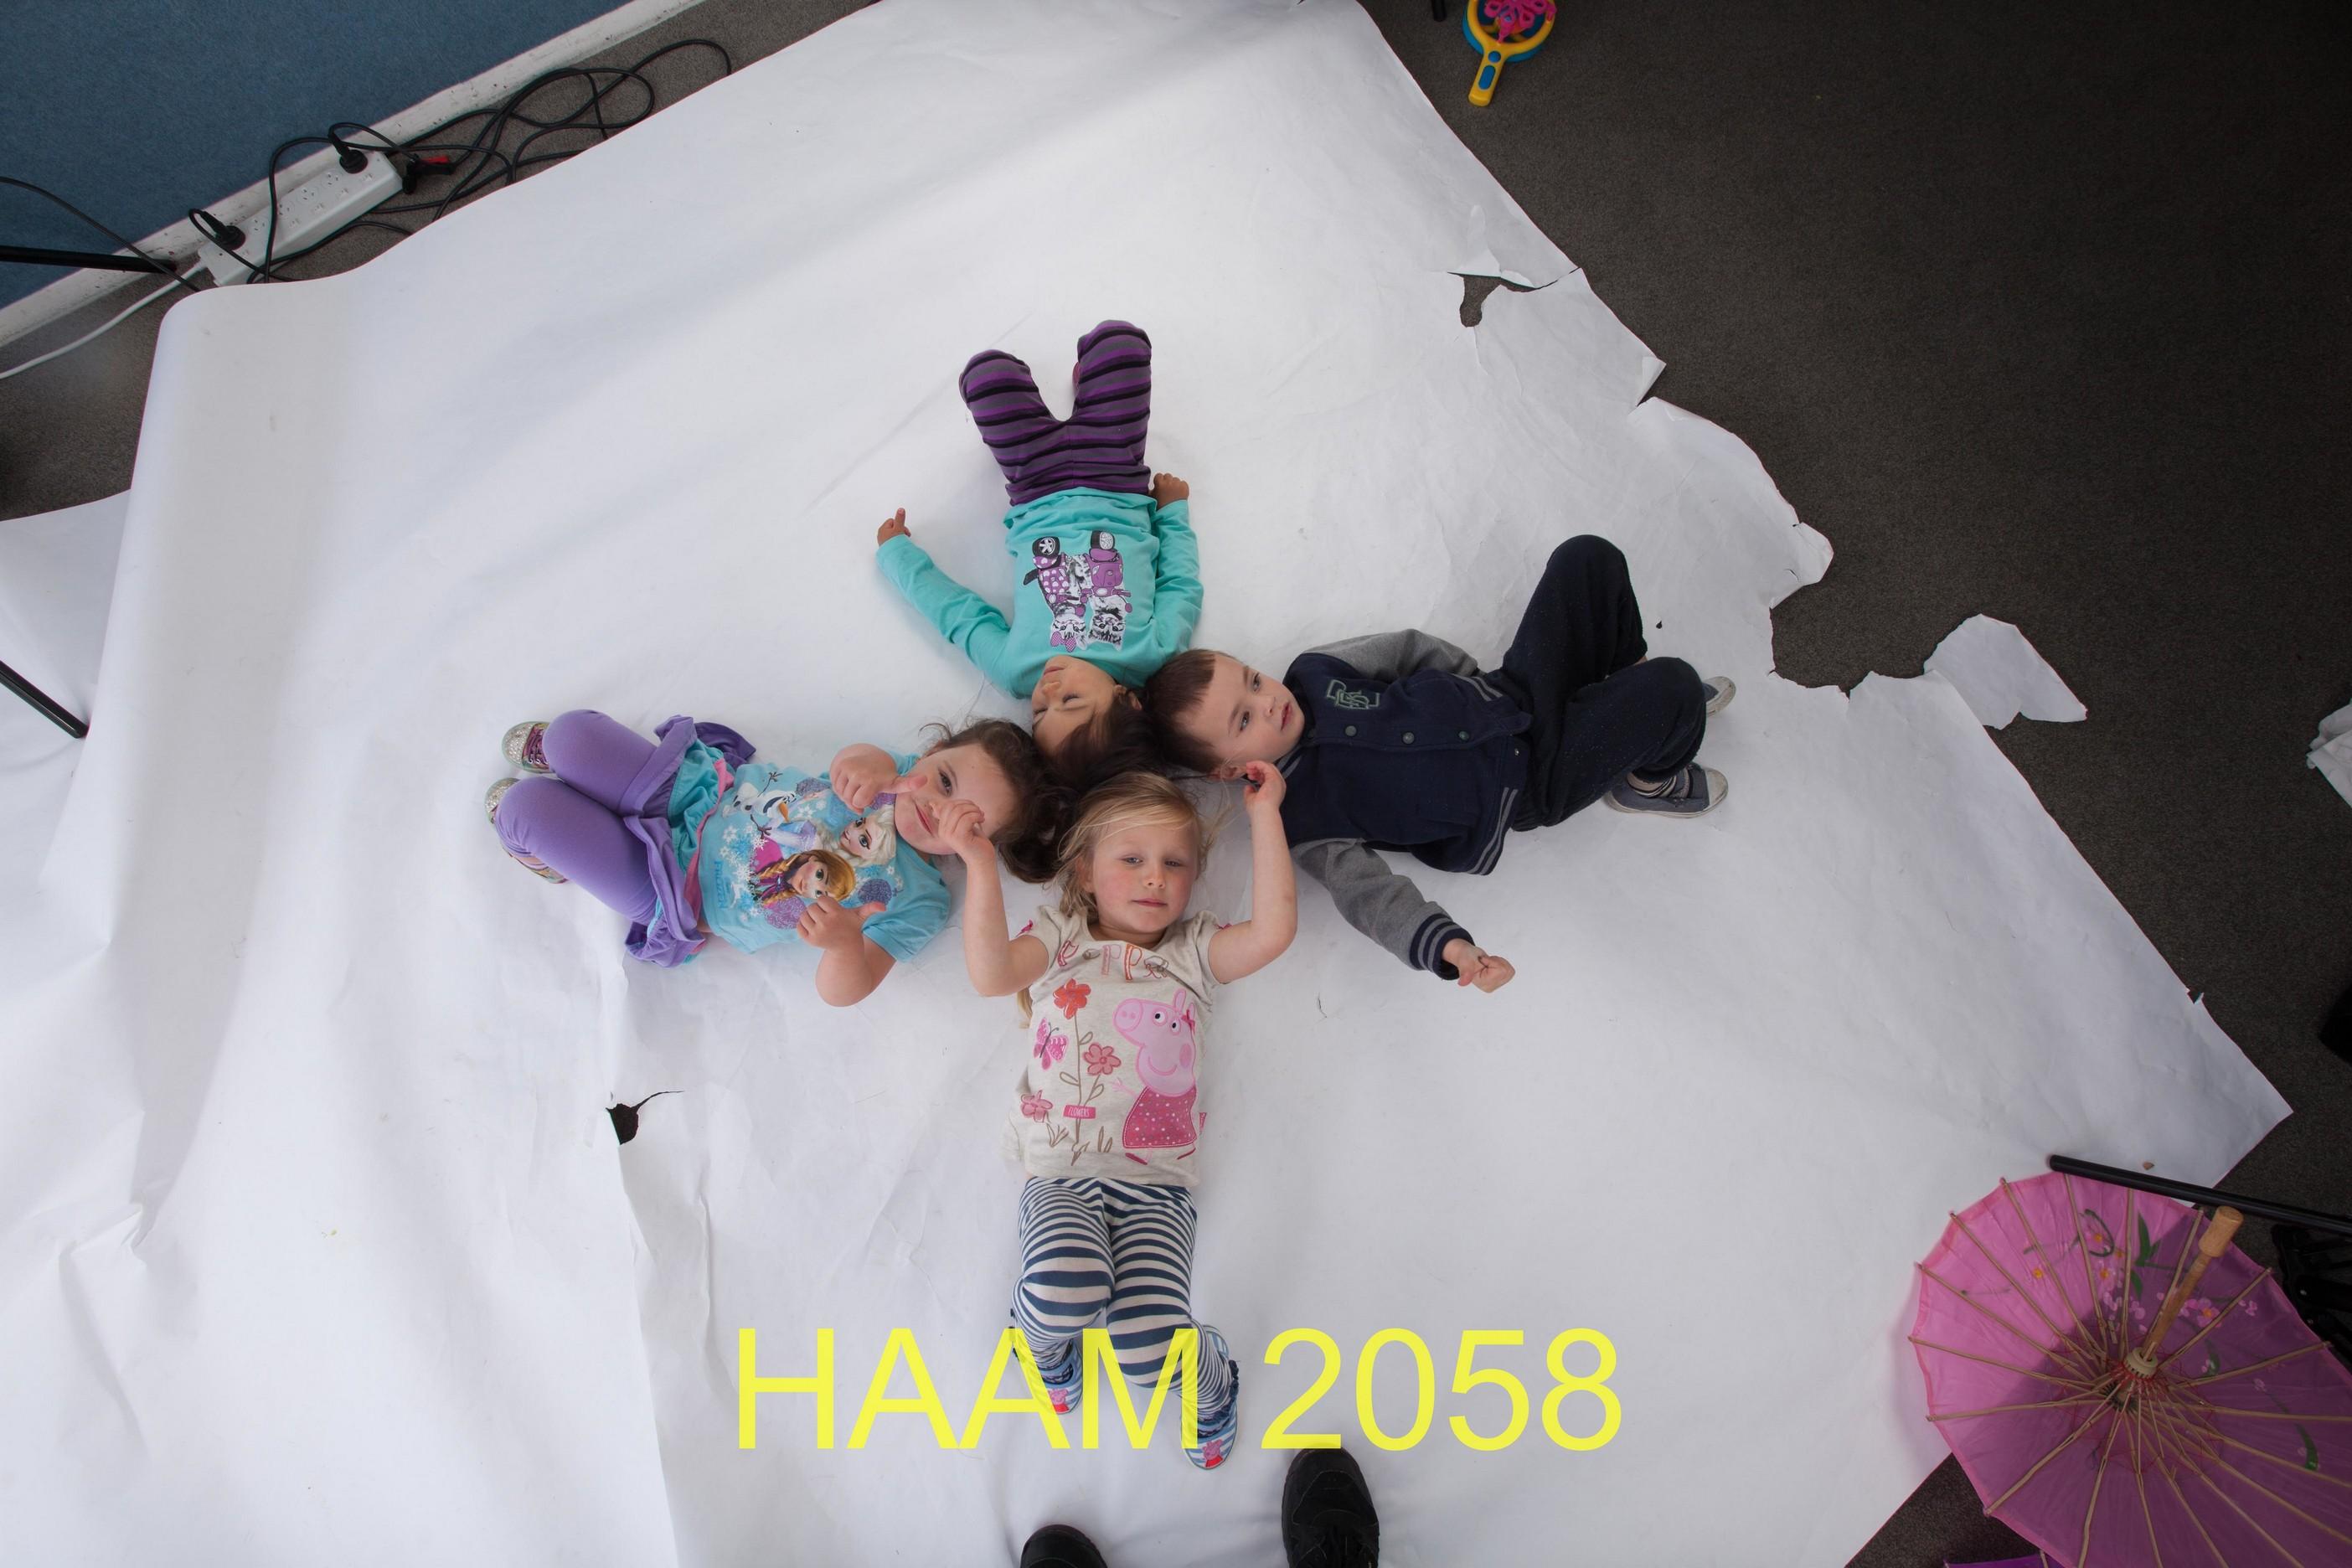 HAAM 2058